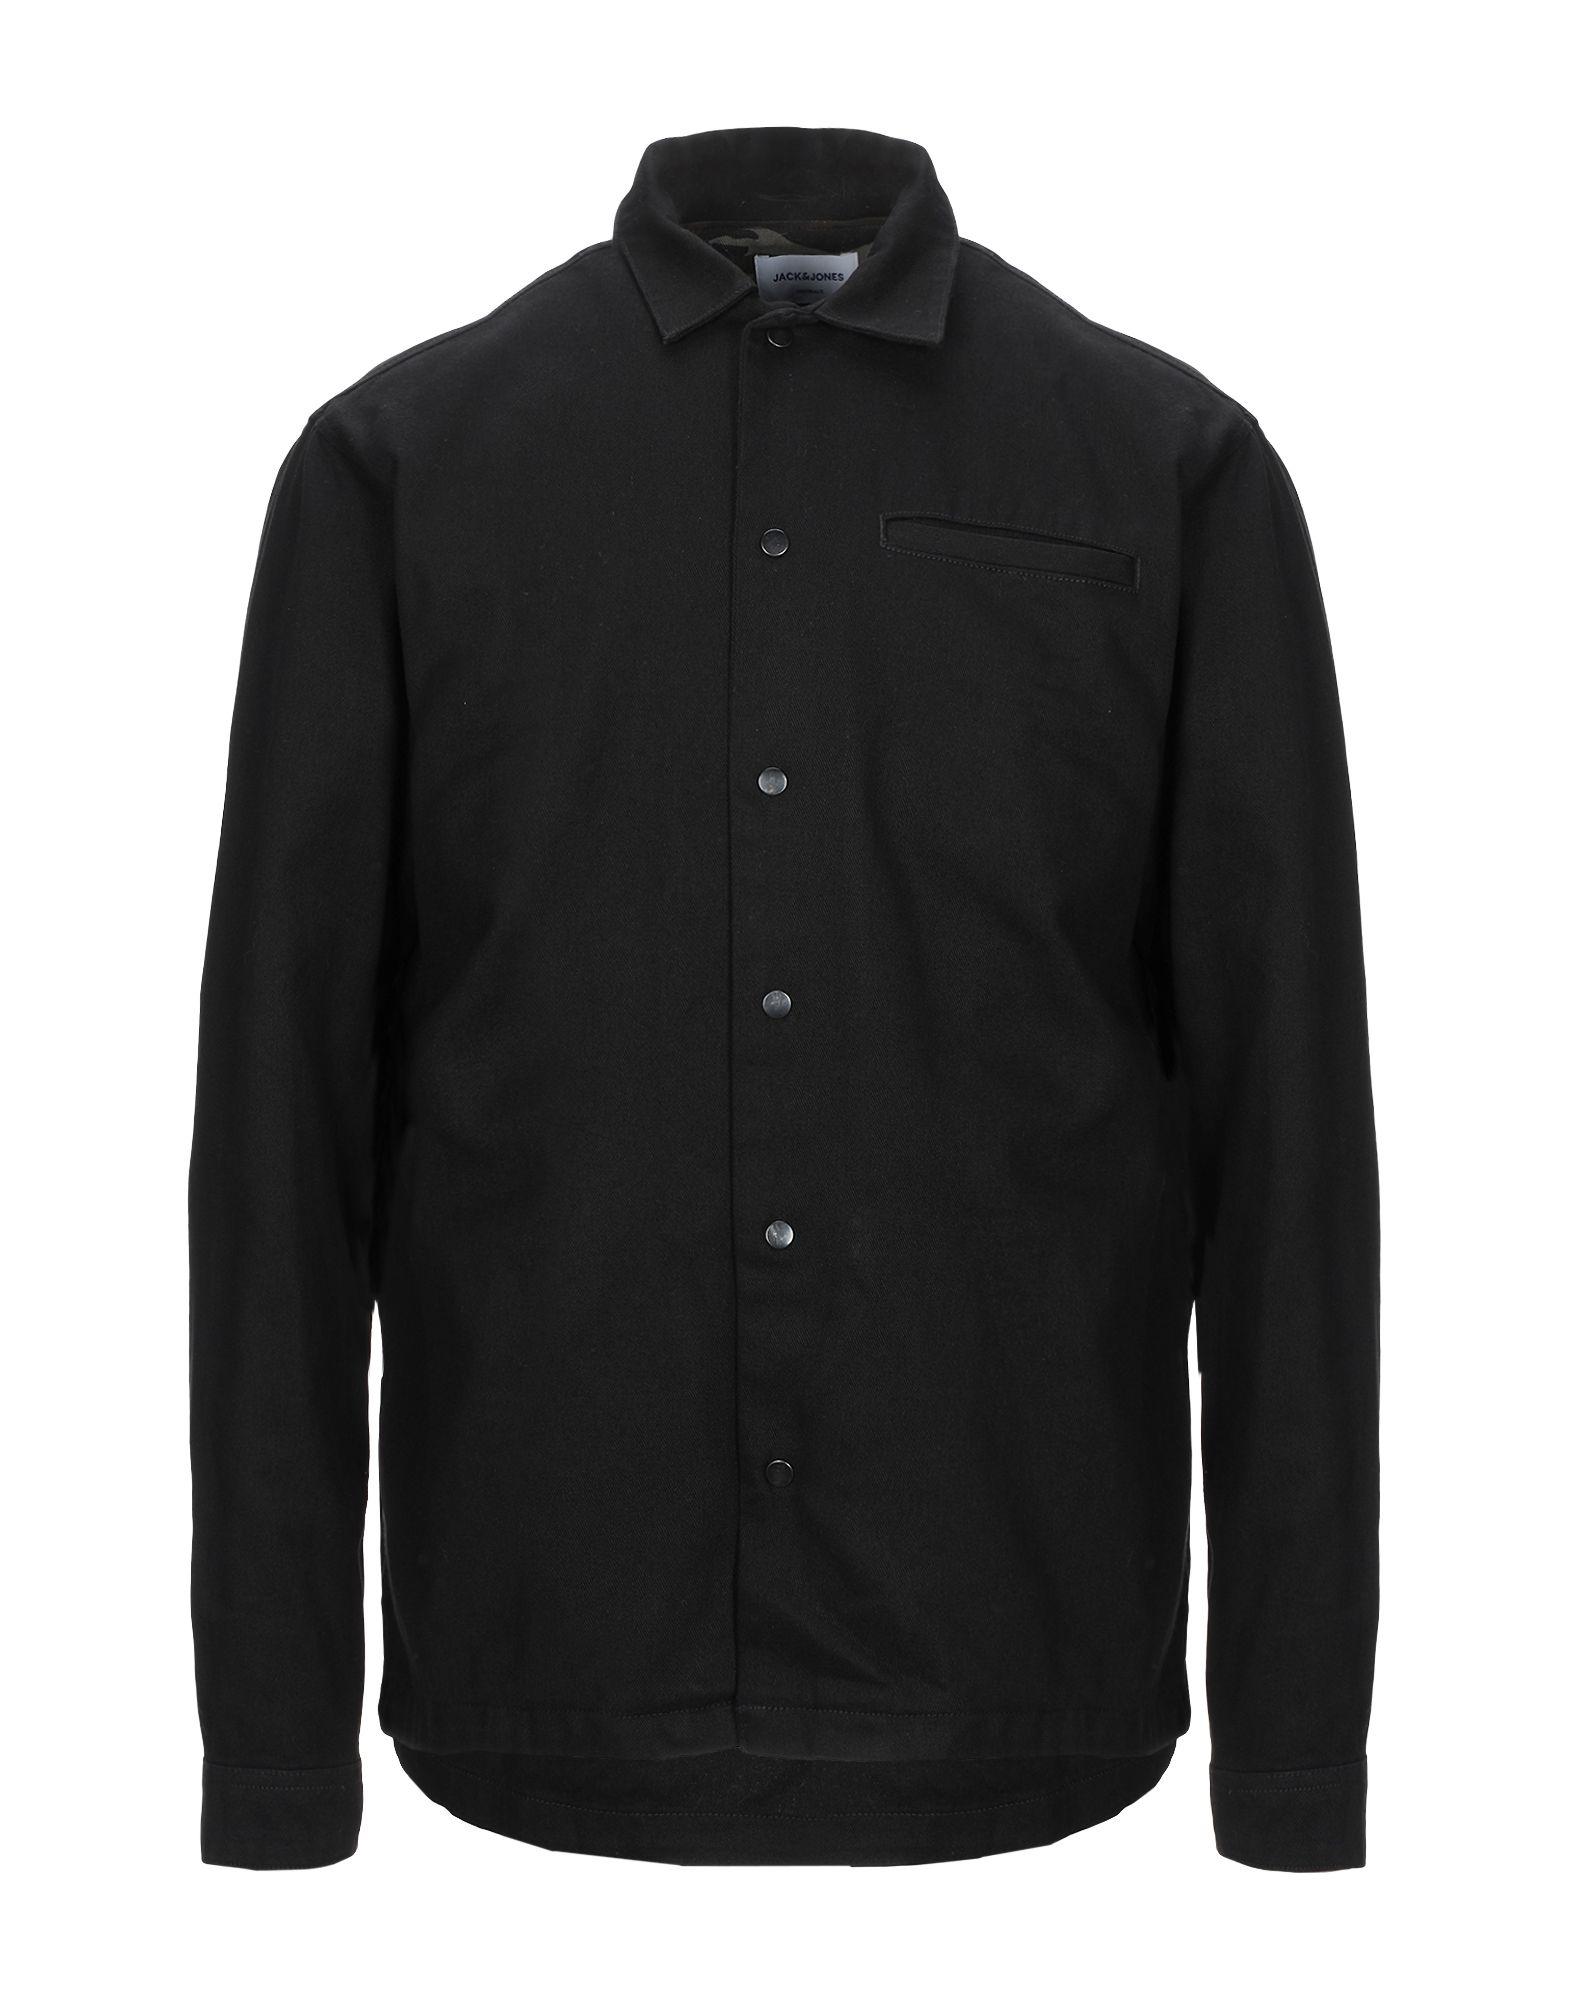 《期間限定セール開催中!》JACK & JONES ORIGINALS メンズ シャツ ブラック S コットン 100%